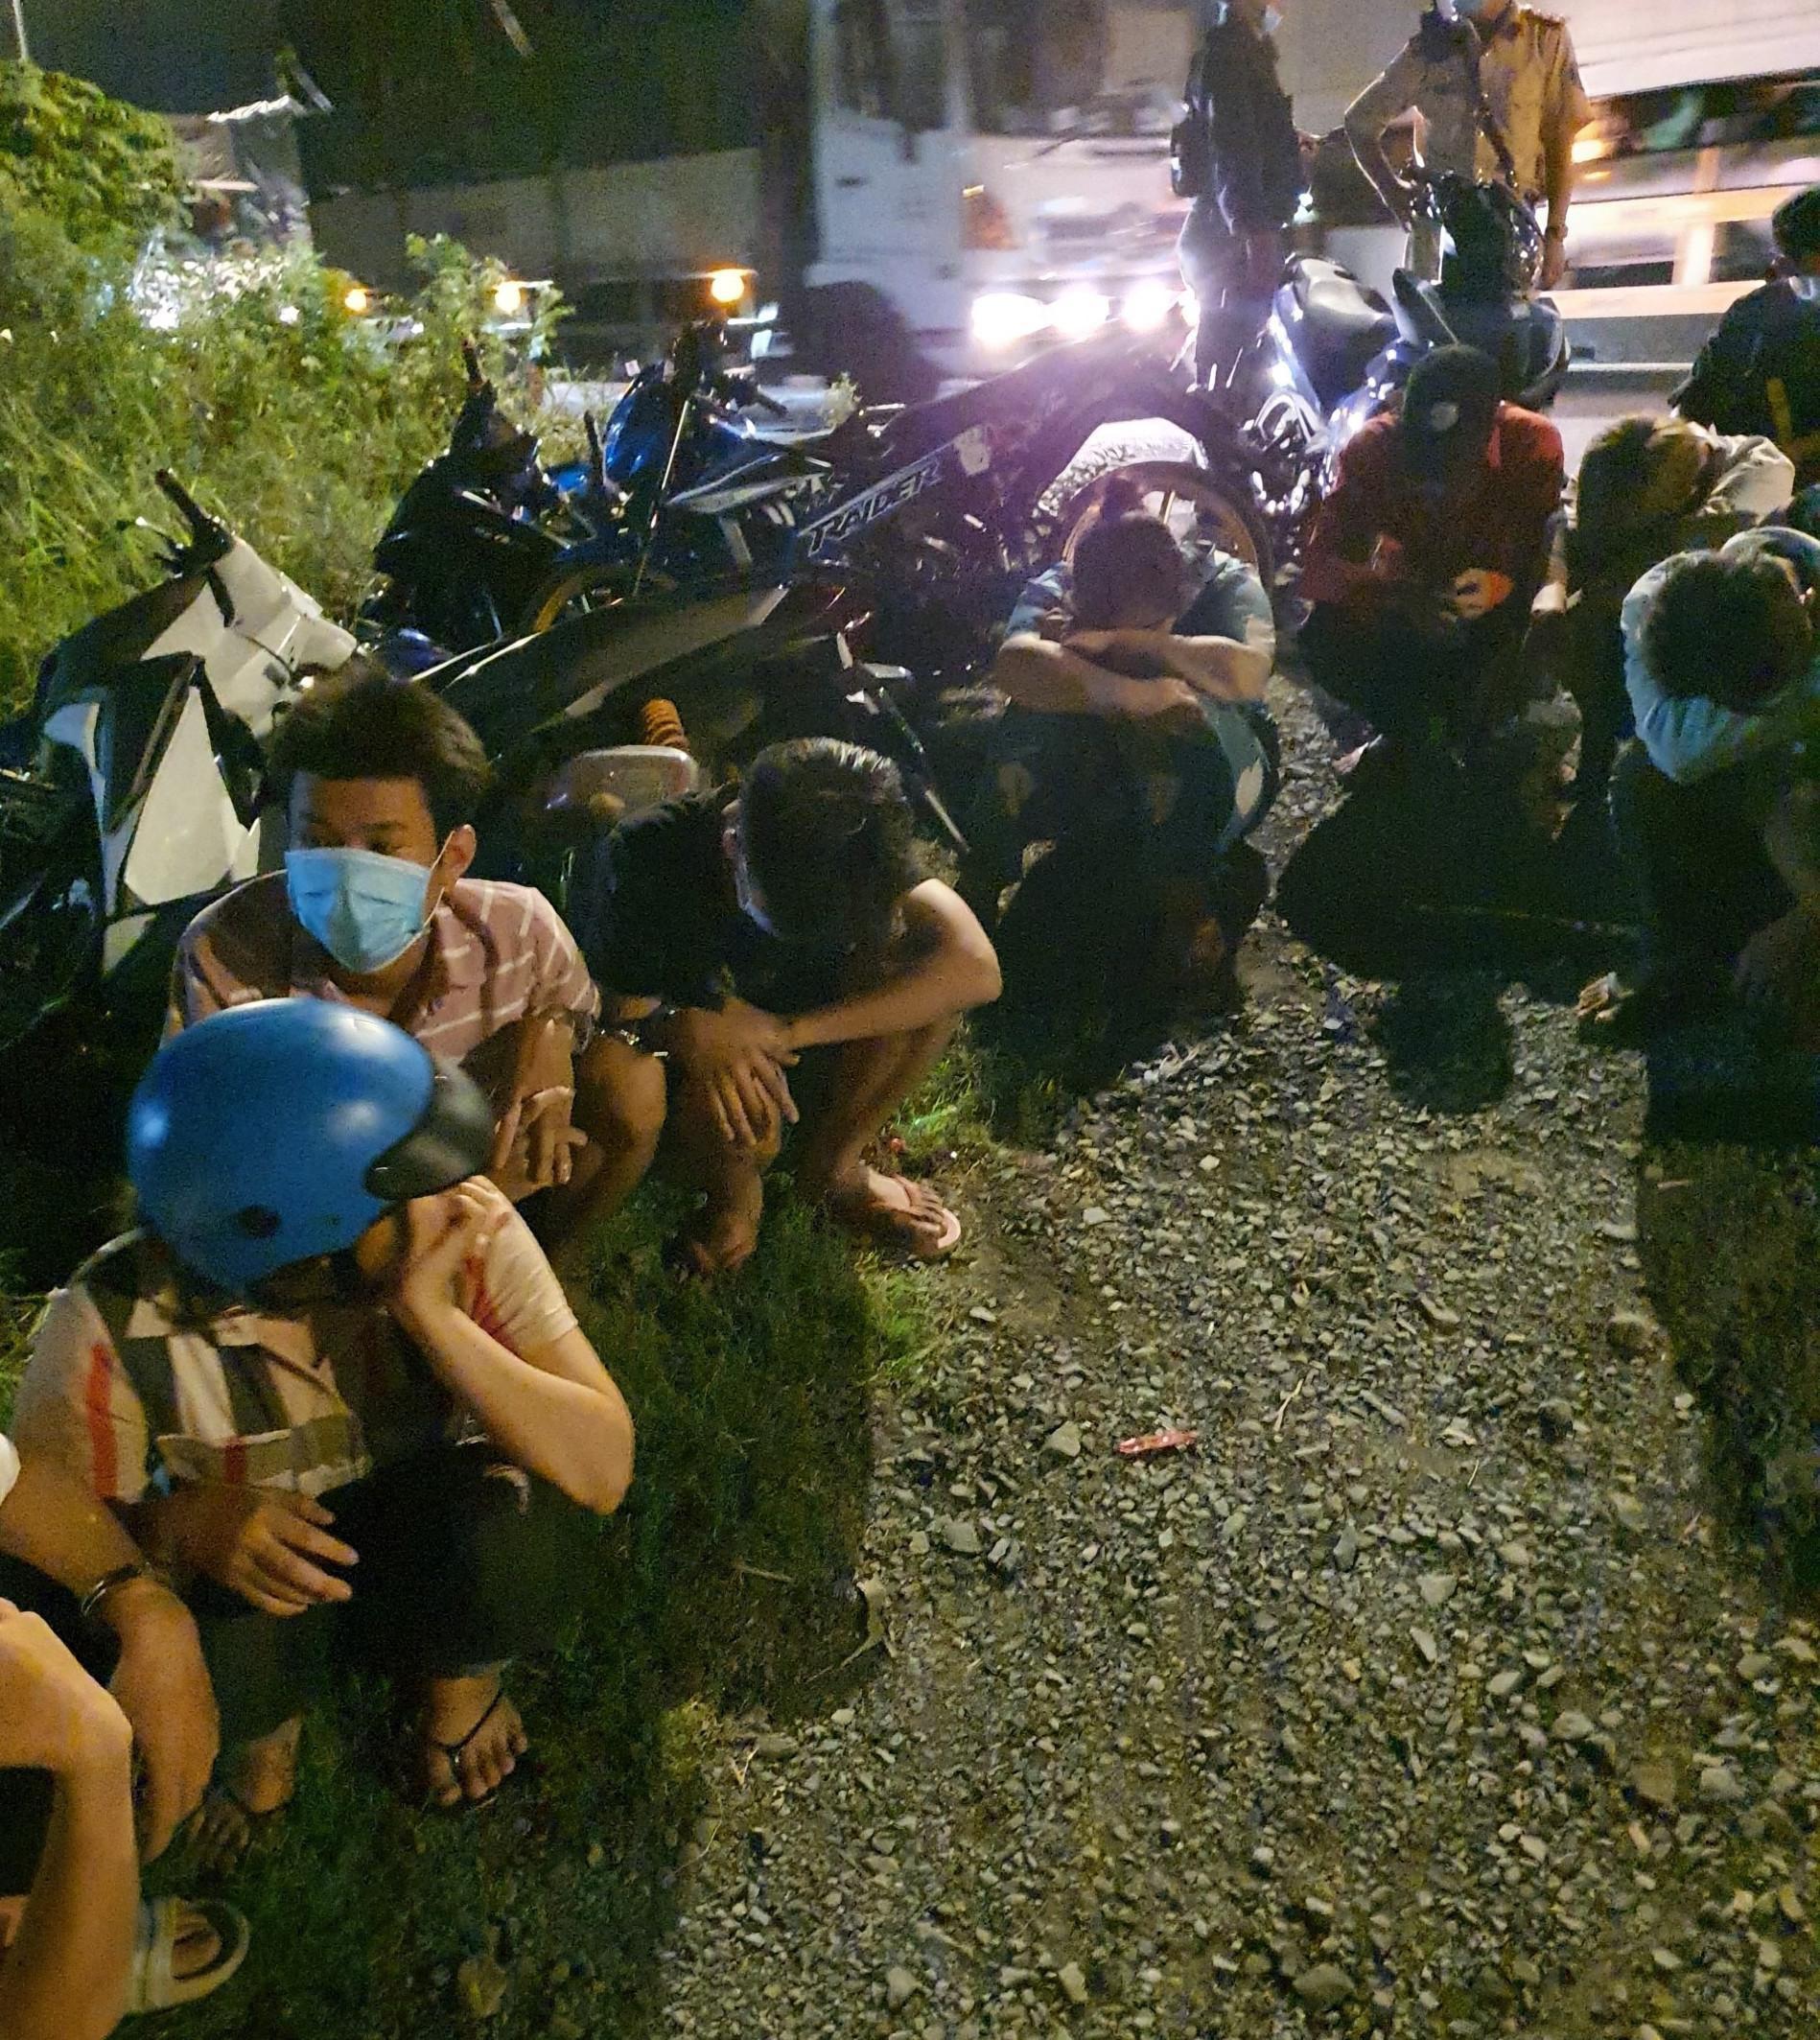 Video: Hàng trăm 'quái xế' tháo chạy, lao xe xuống kênh bỏ trốn khi bị vây bắt - Ảnh 2.